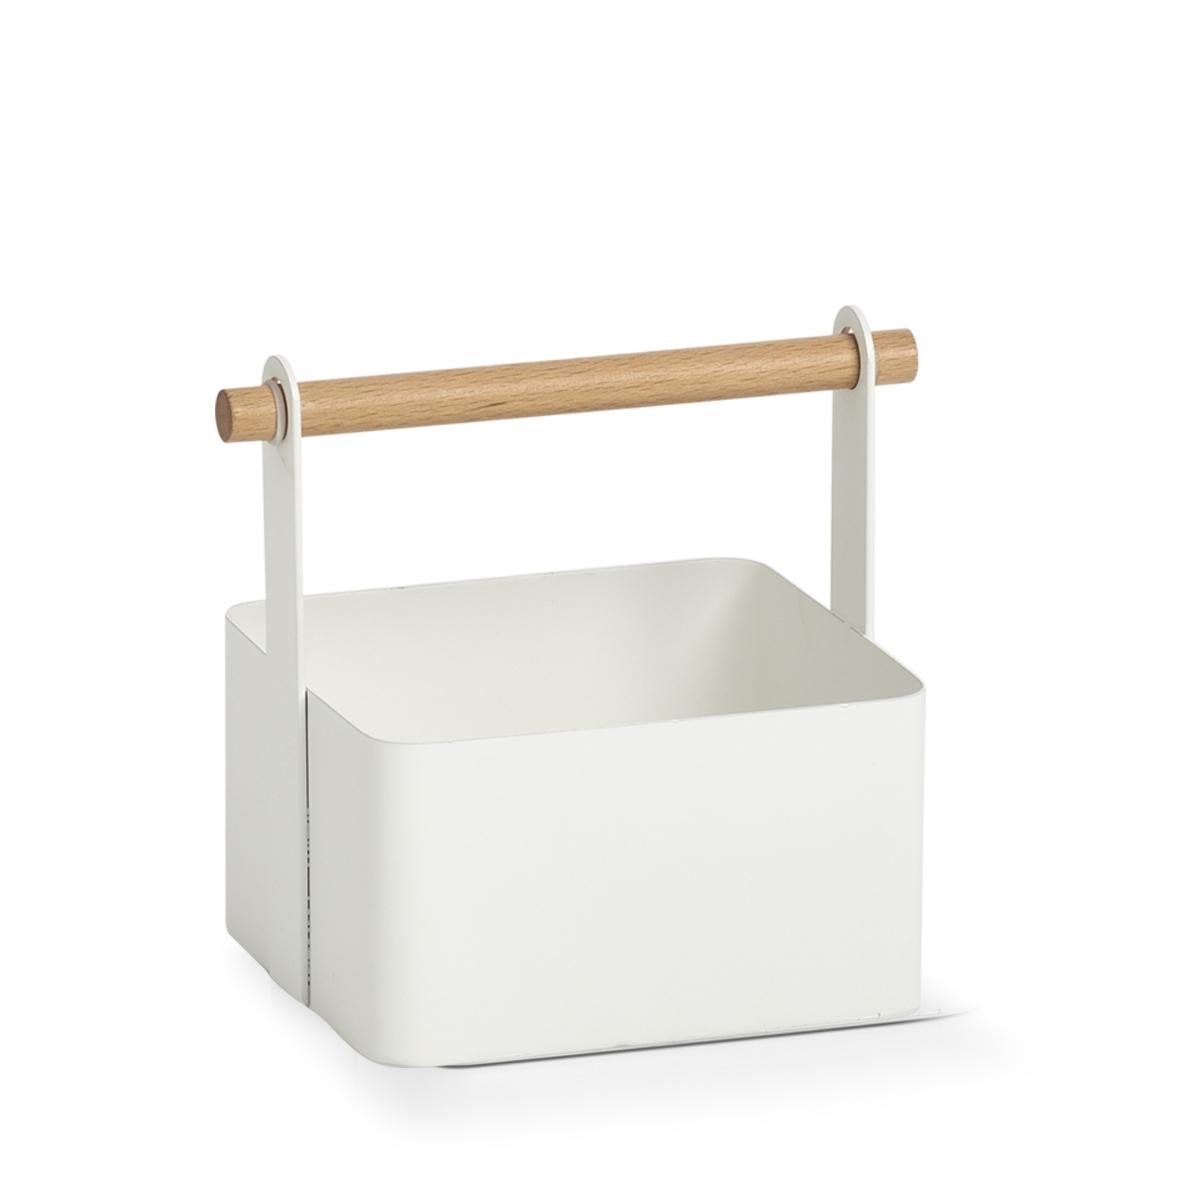 Cutie metalica cu maner, pentru depozitare, Caddy Alb, L14,3xl13xH16 cm